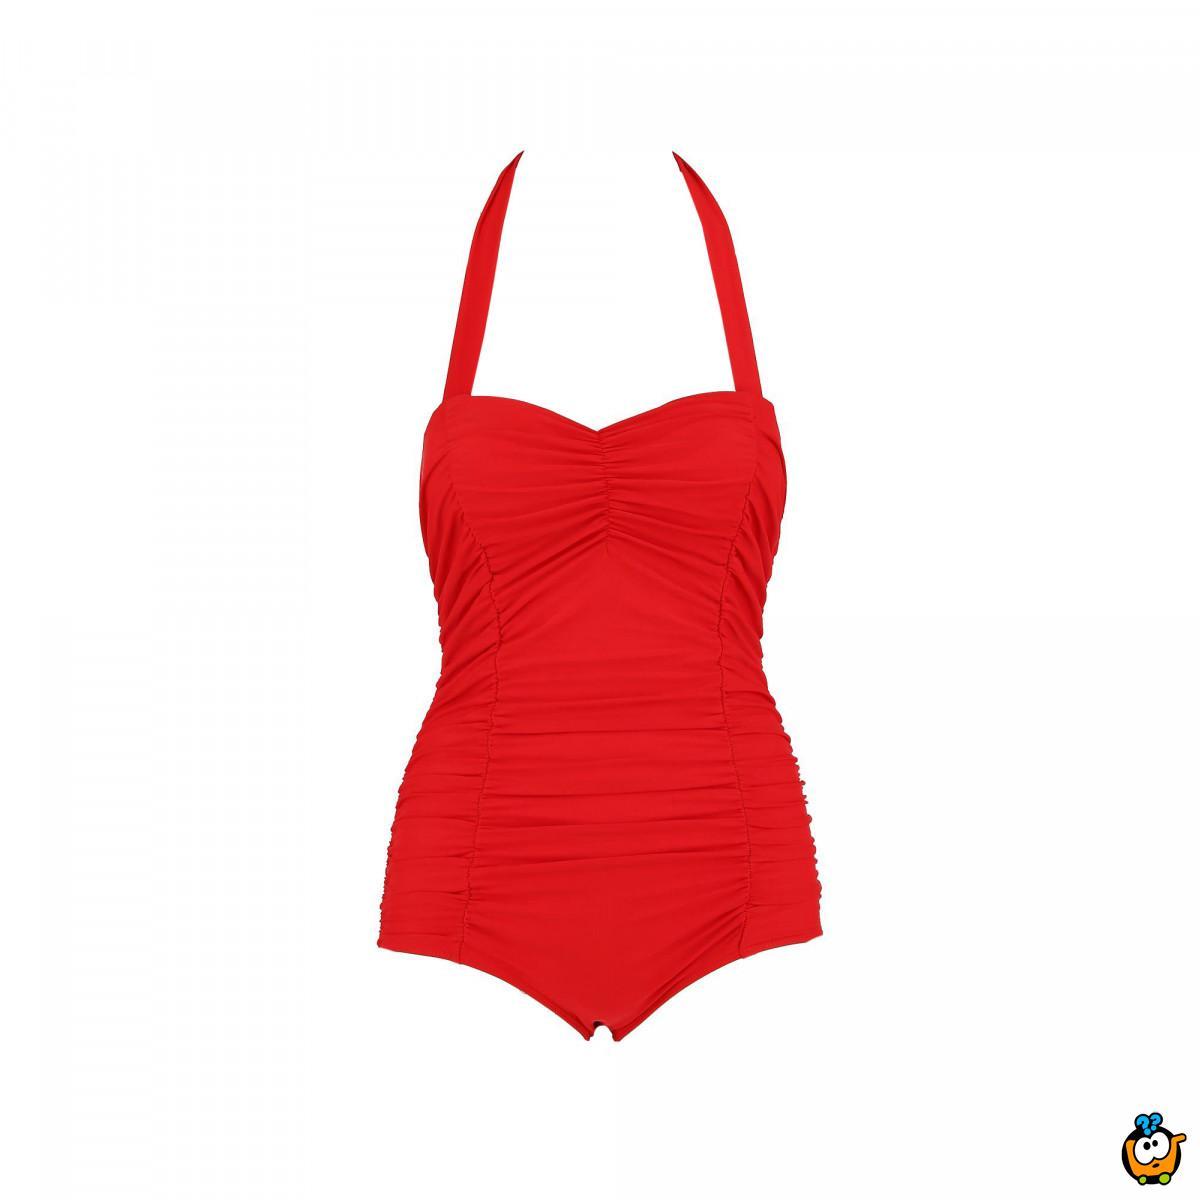 Jednodelni ženski kupaći kostim- REGULAR RED